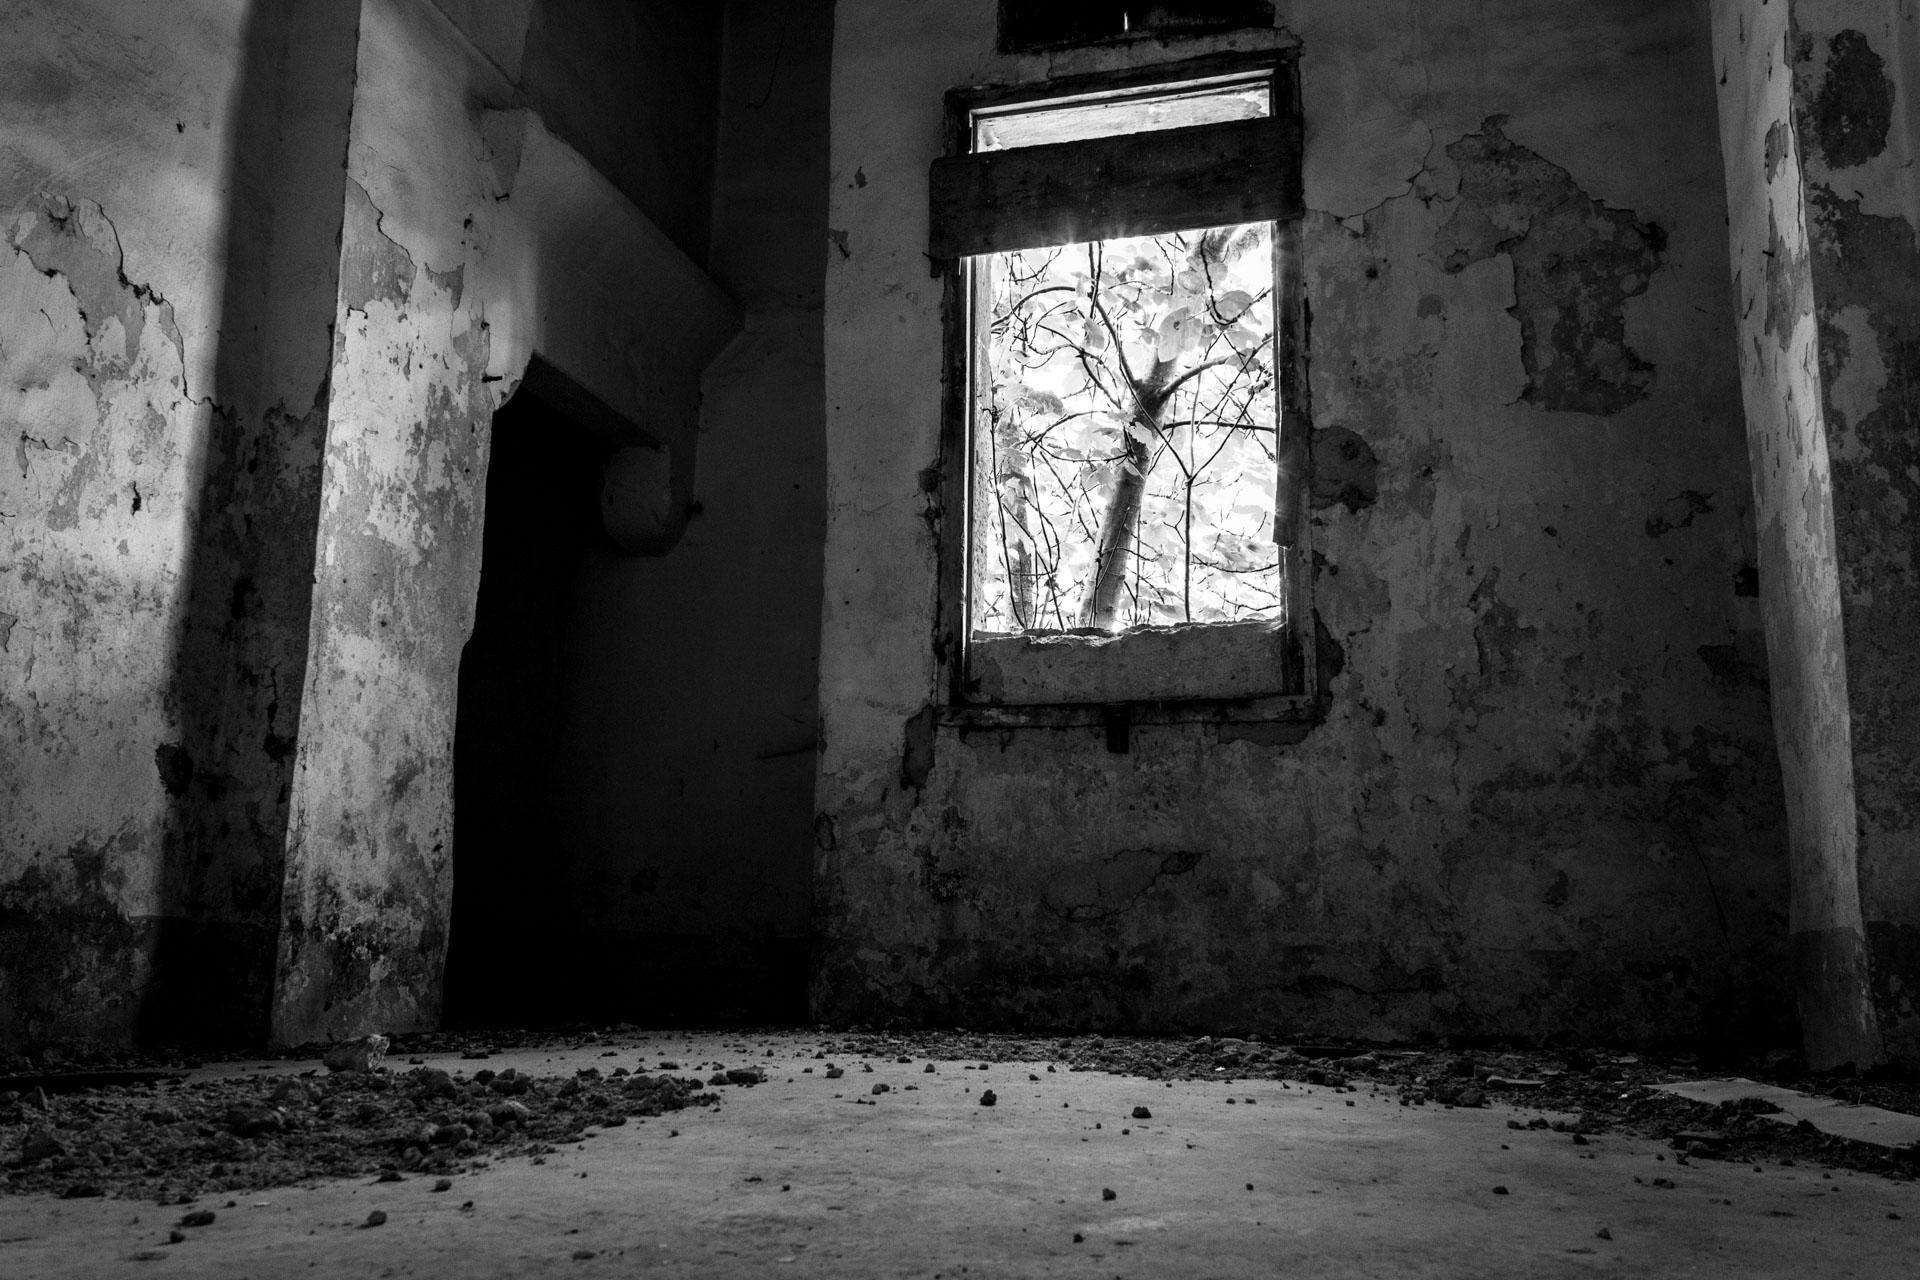 Una finestra di una masseria abbandonata che guarda verso il suo cortile